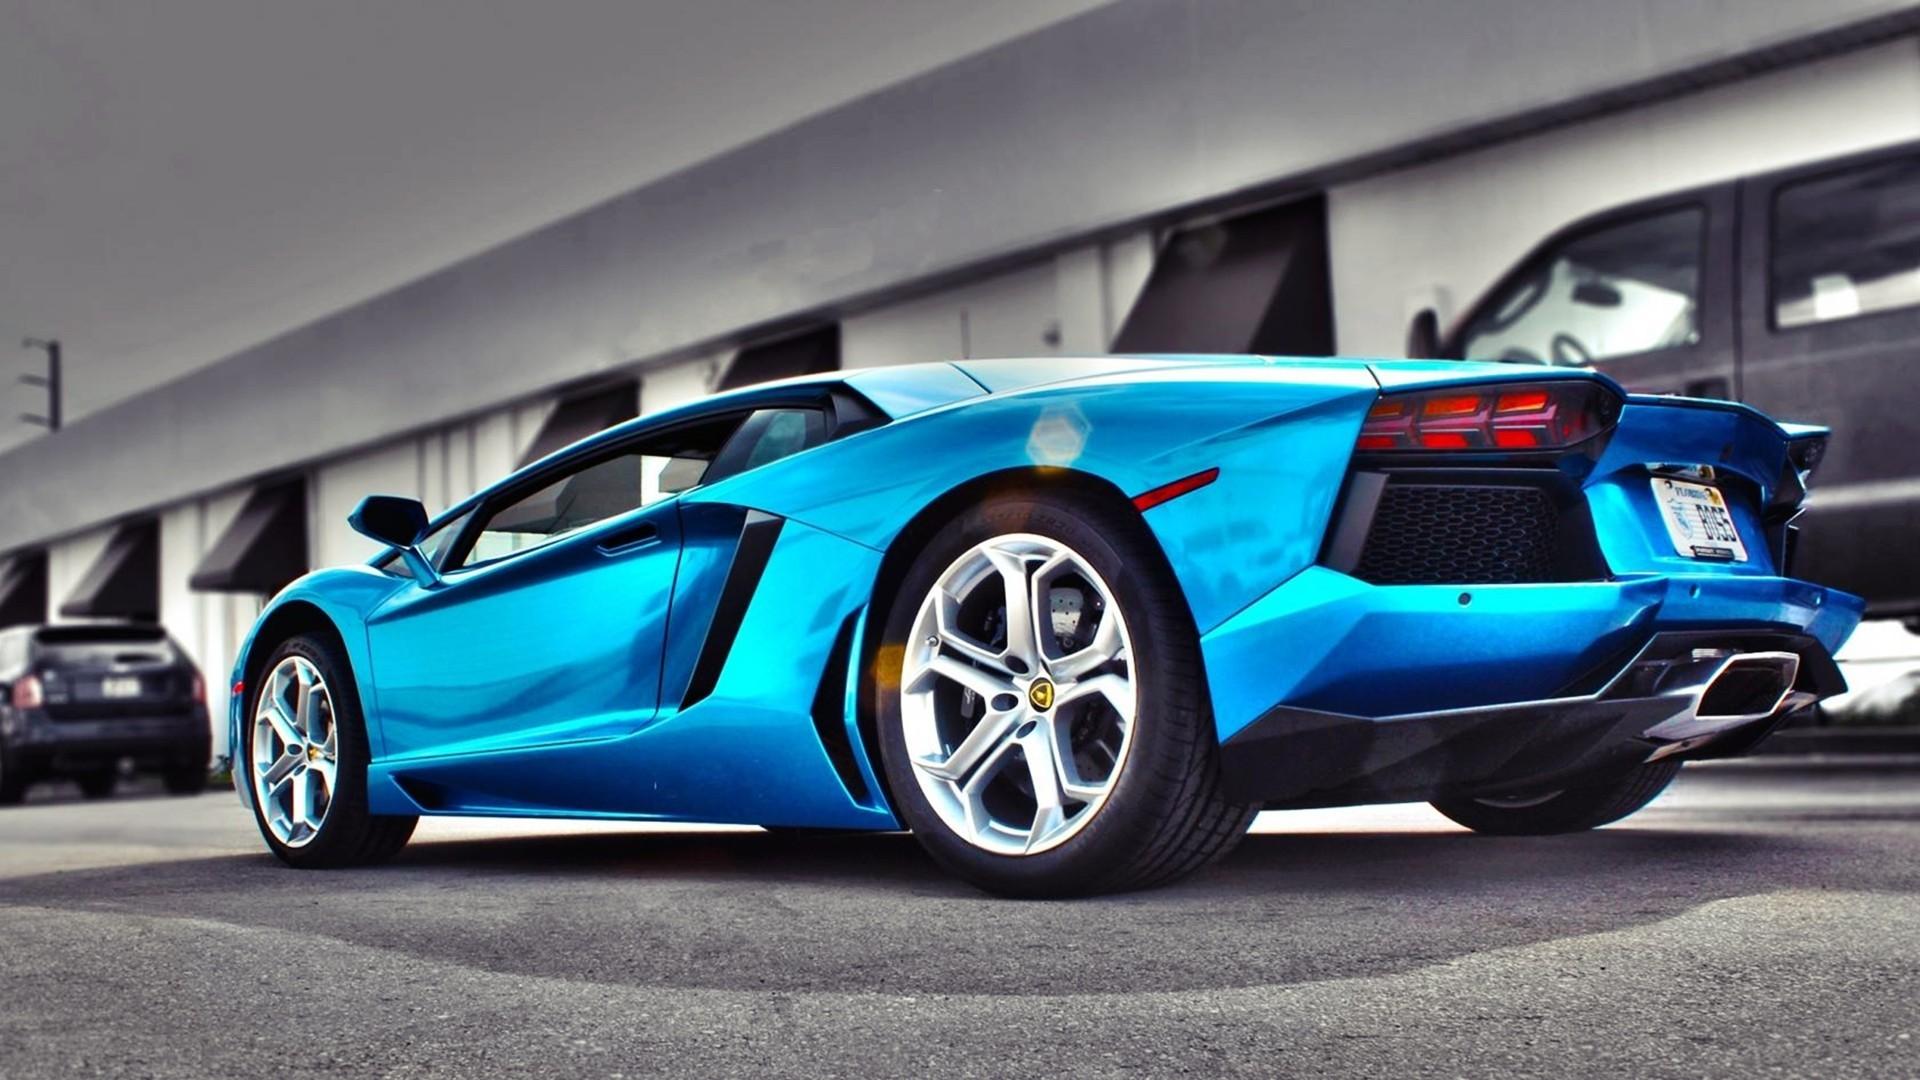 Exotic Lamborghini - Lamborghini Car Pc Background , HD Wallpaper & Backgrounds